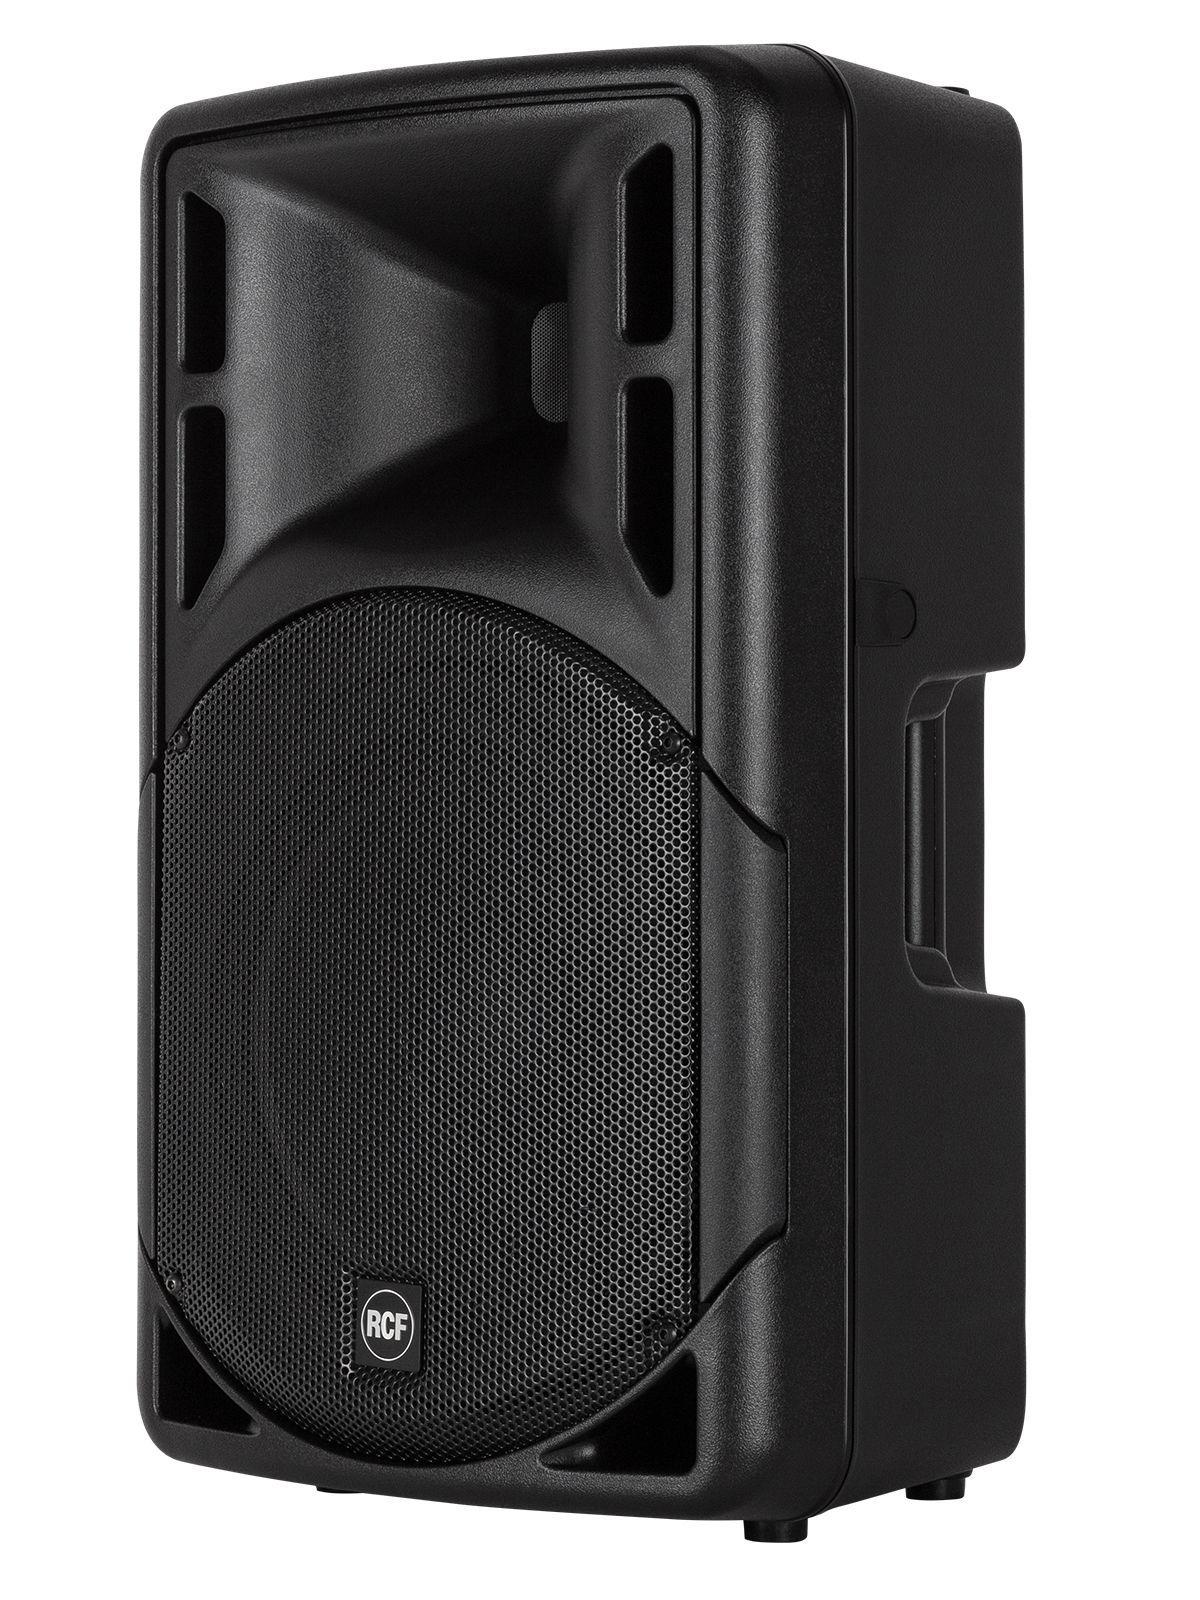 RCF ART 315-A MK4 aktive PA Box 15/2  NEU